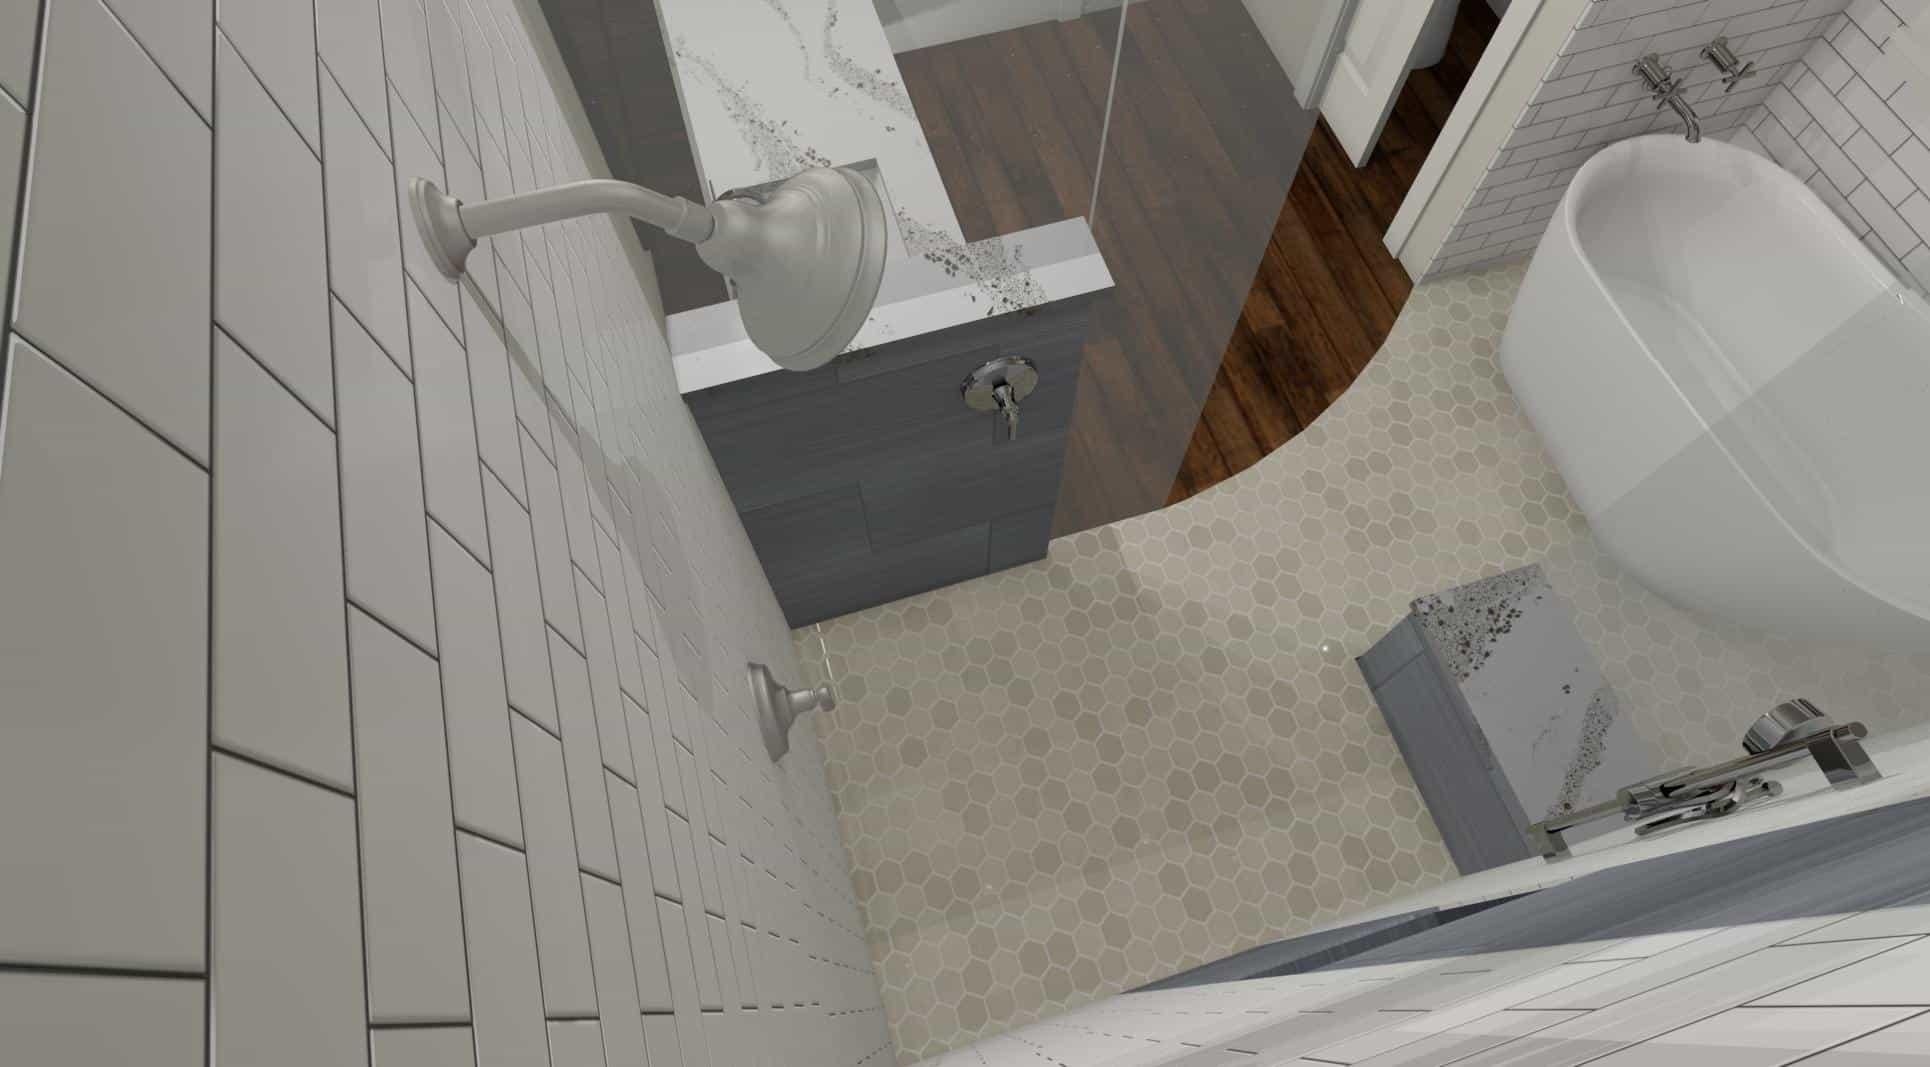 3D Model of a shower - Designers Northwest